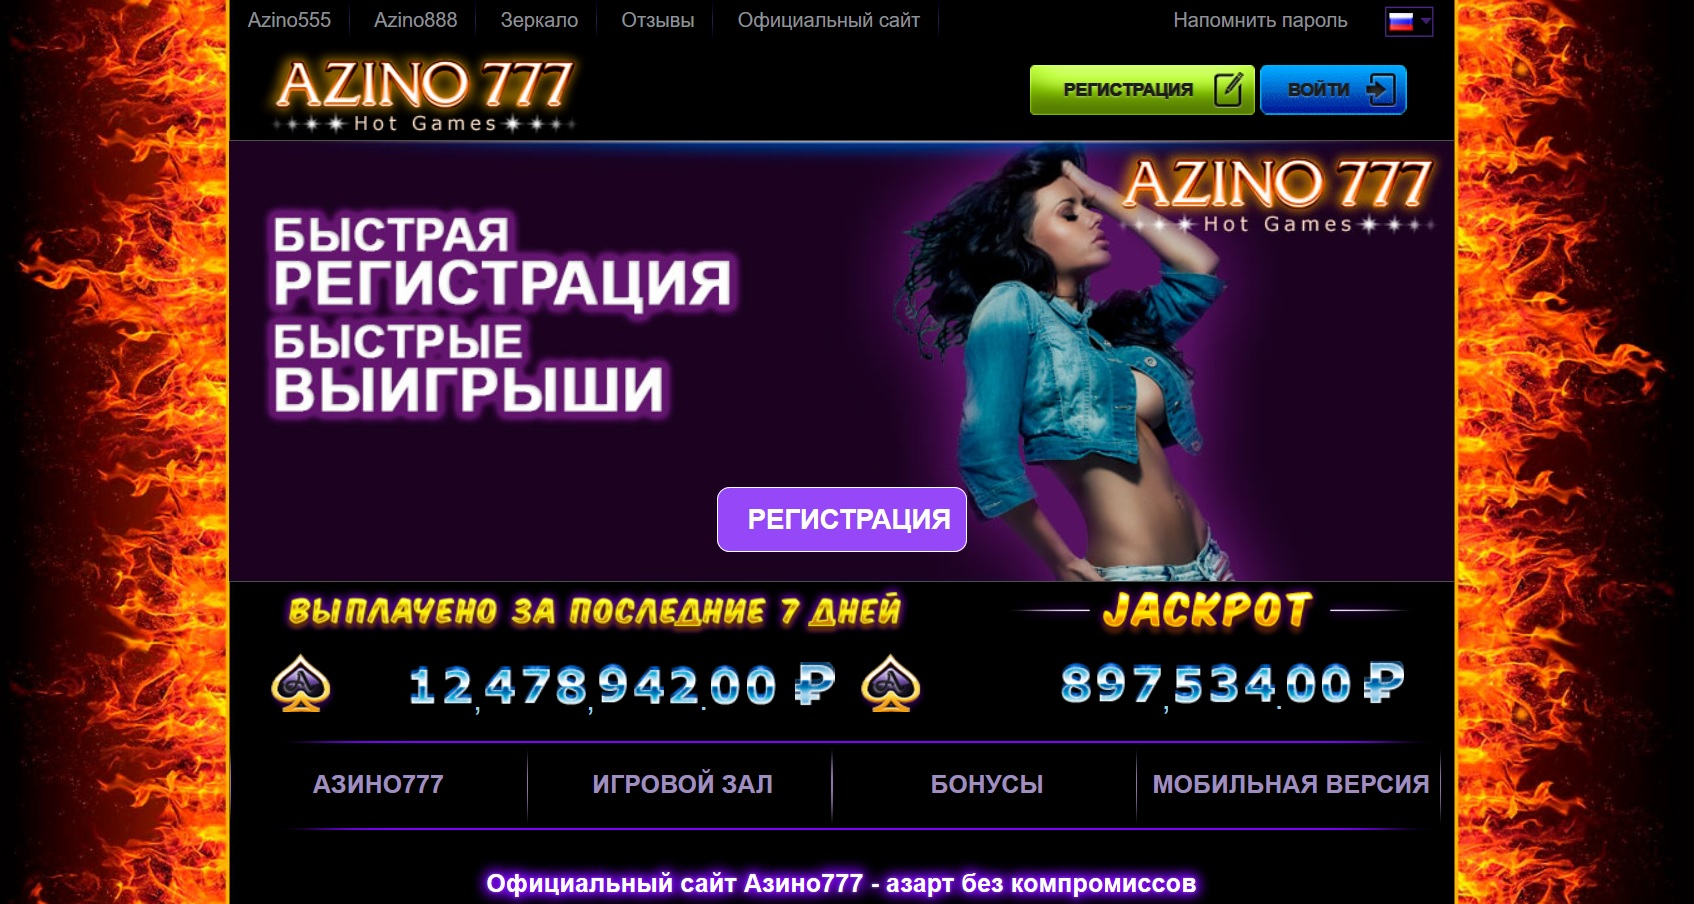 azino777 выигрыши